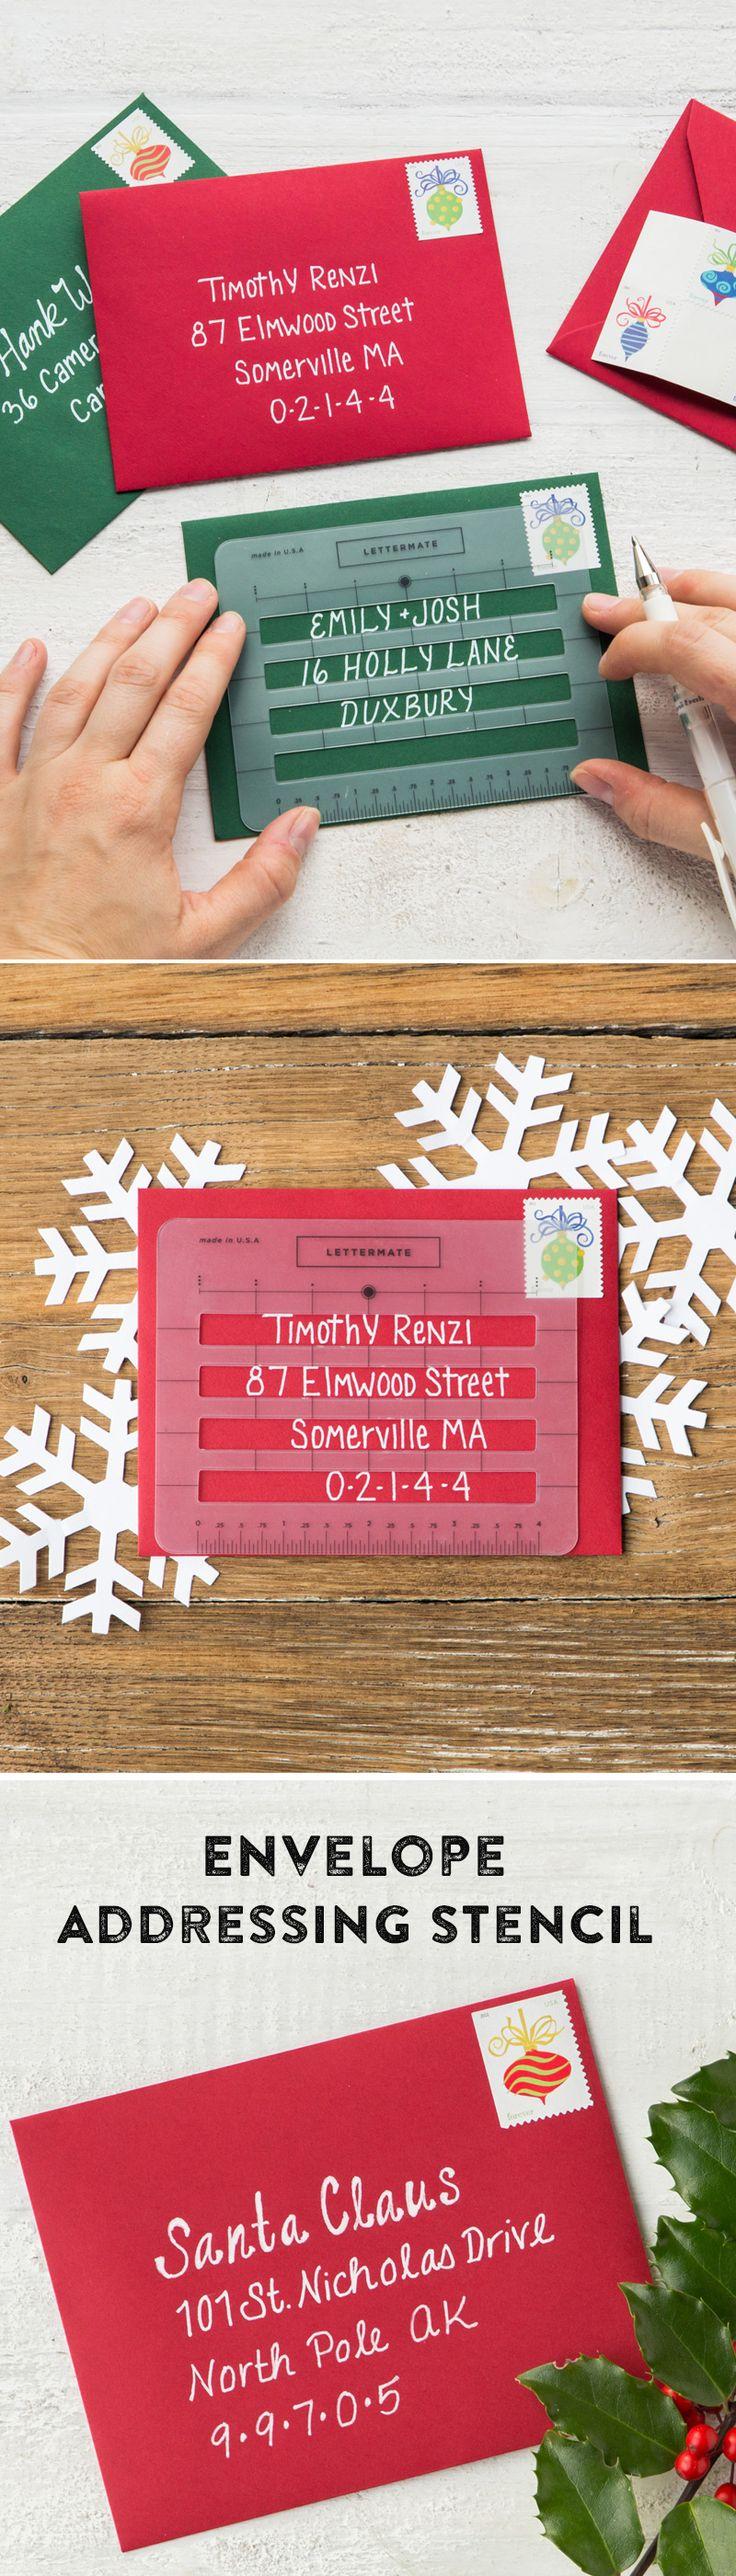 Decorador de arboles de navidad 187 home design 2017 - Lettermate Envelope Guide